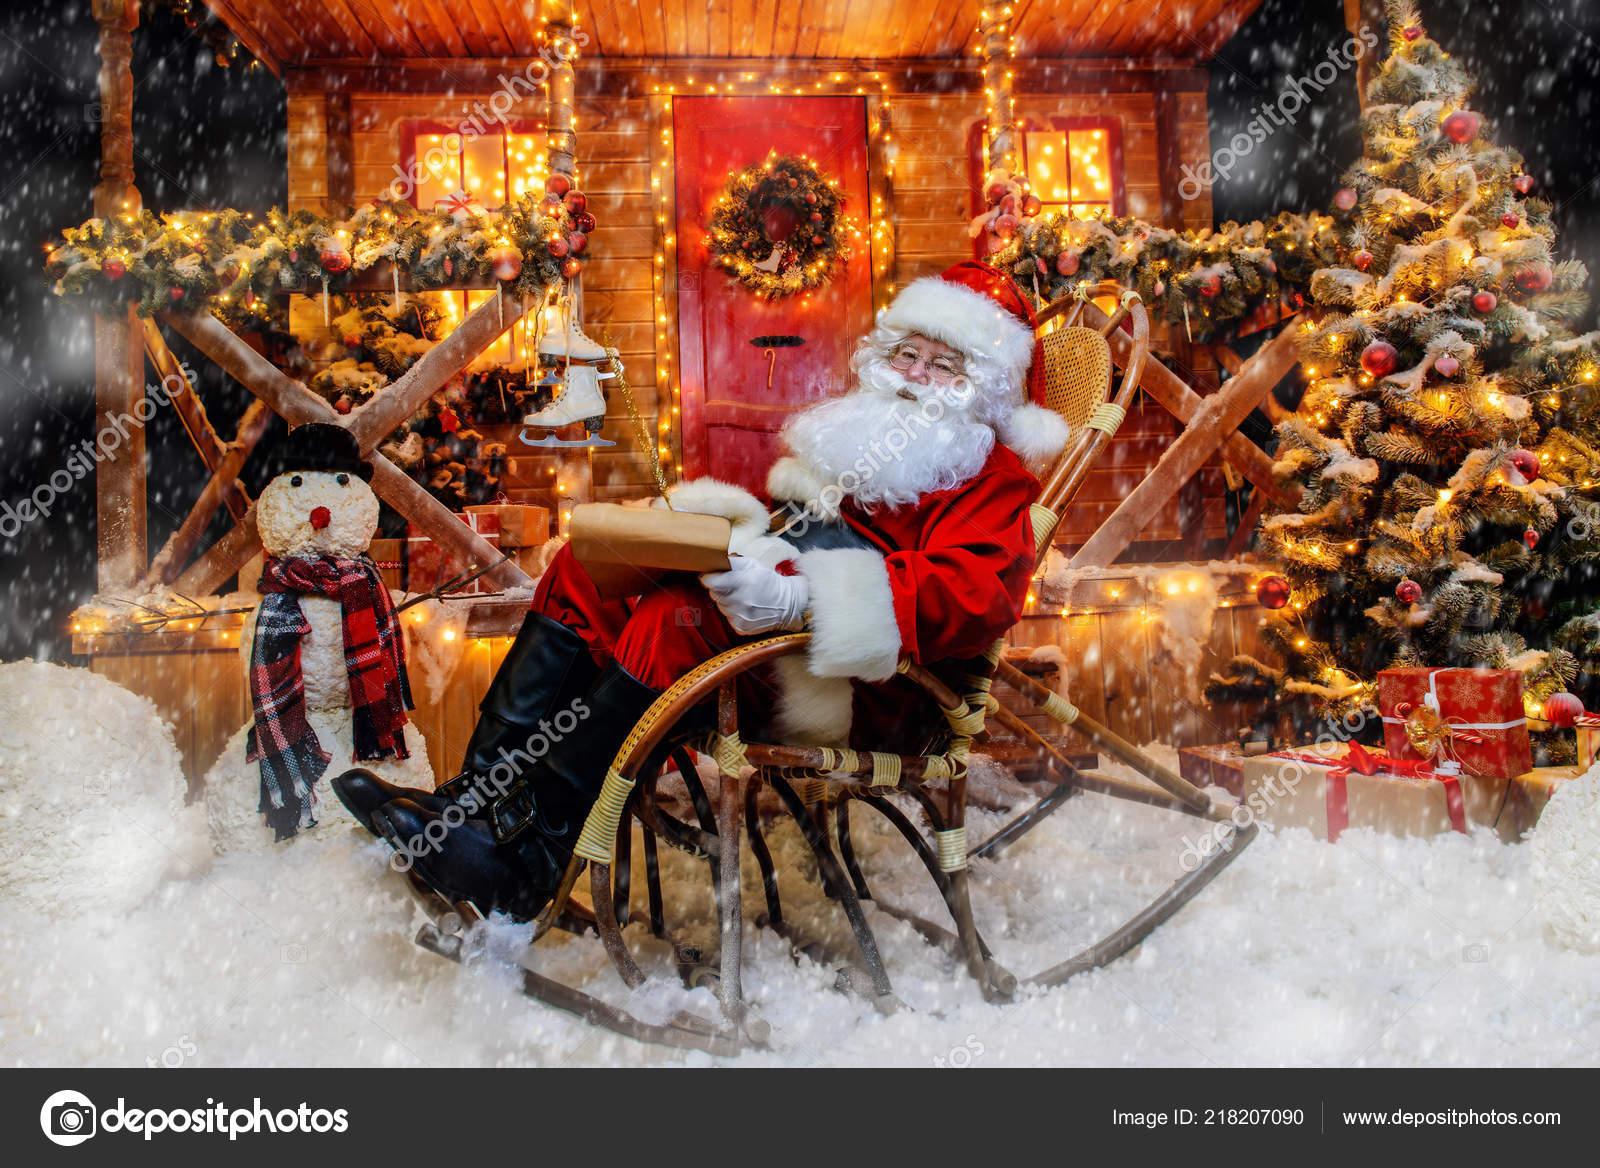 Santa Claus Ist Vorbereitung Auf Weihnachten Schreibt Briefe Haus